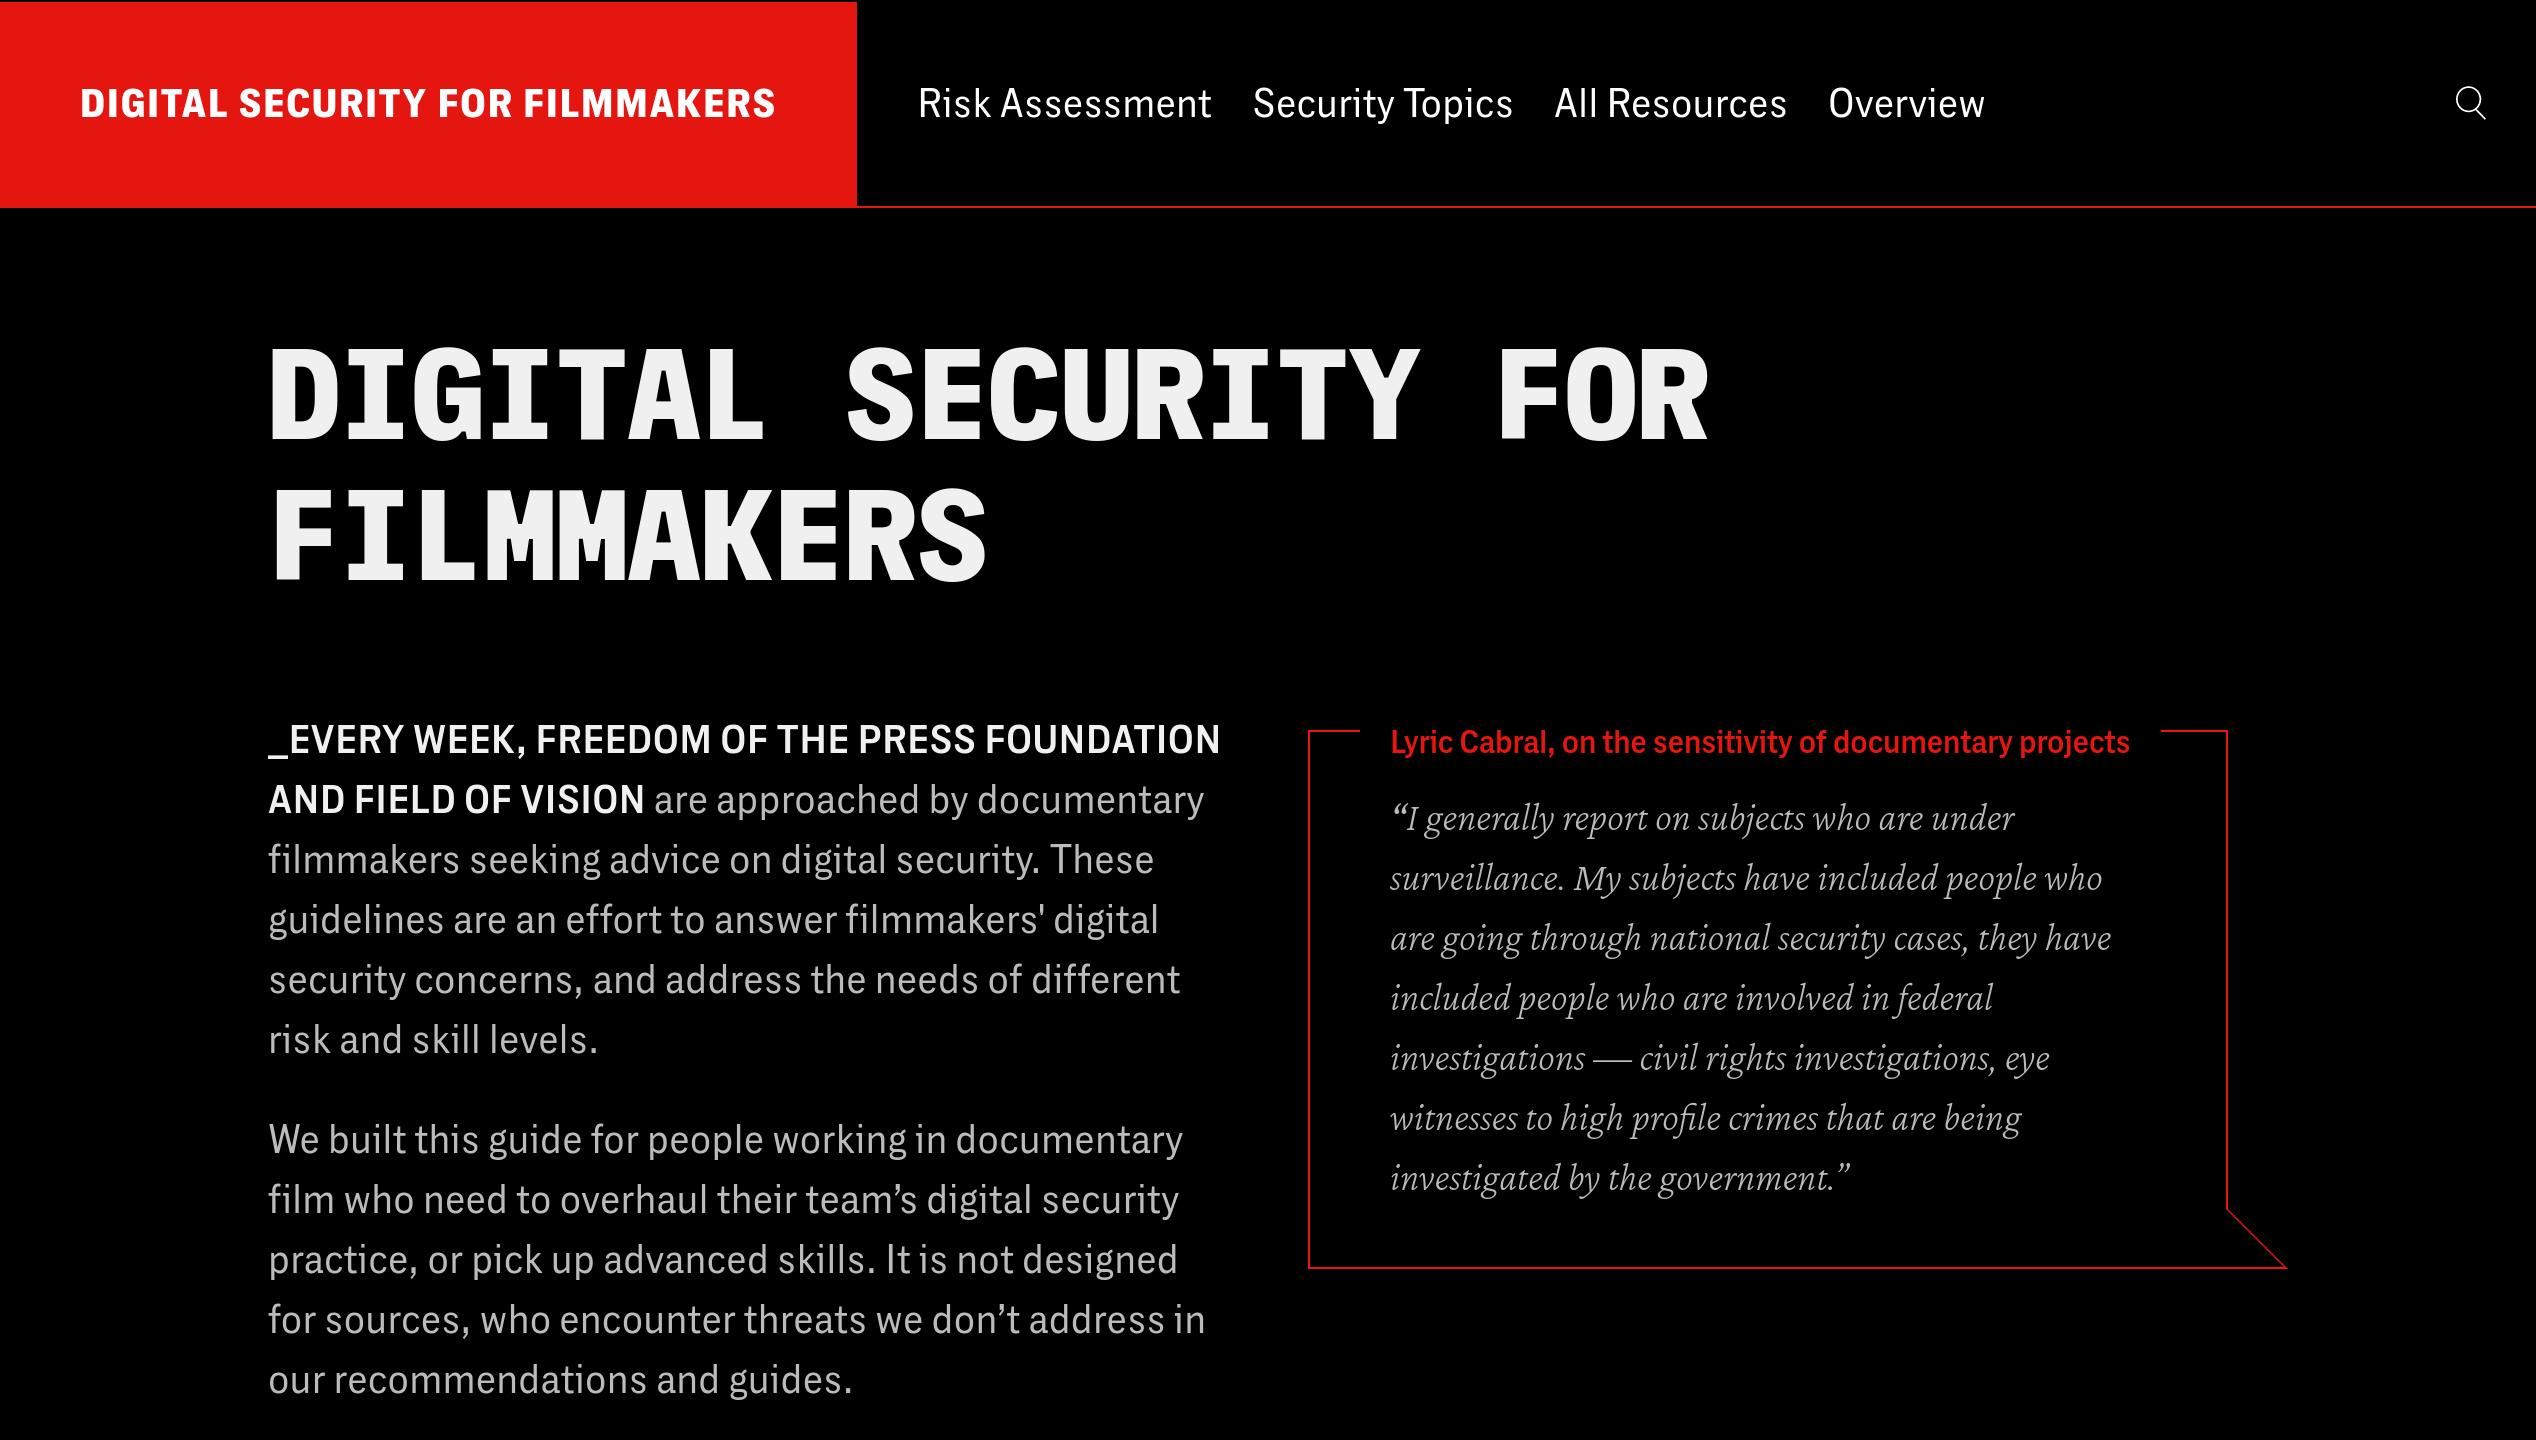 Digital Security for Filmmakers platform landing page